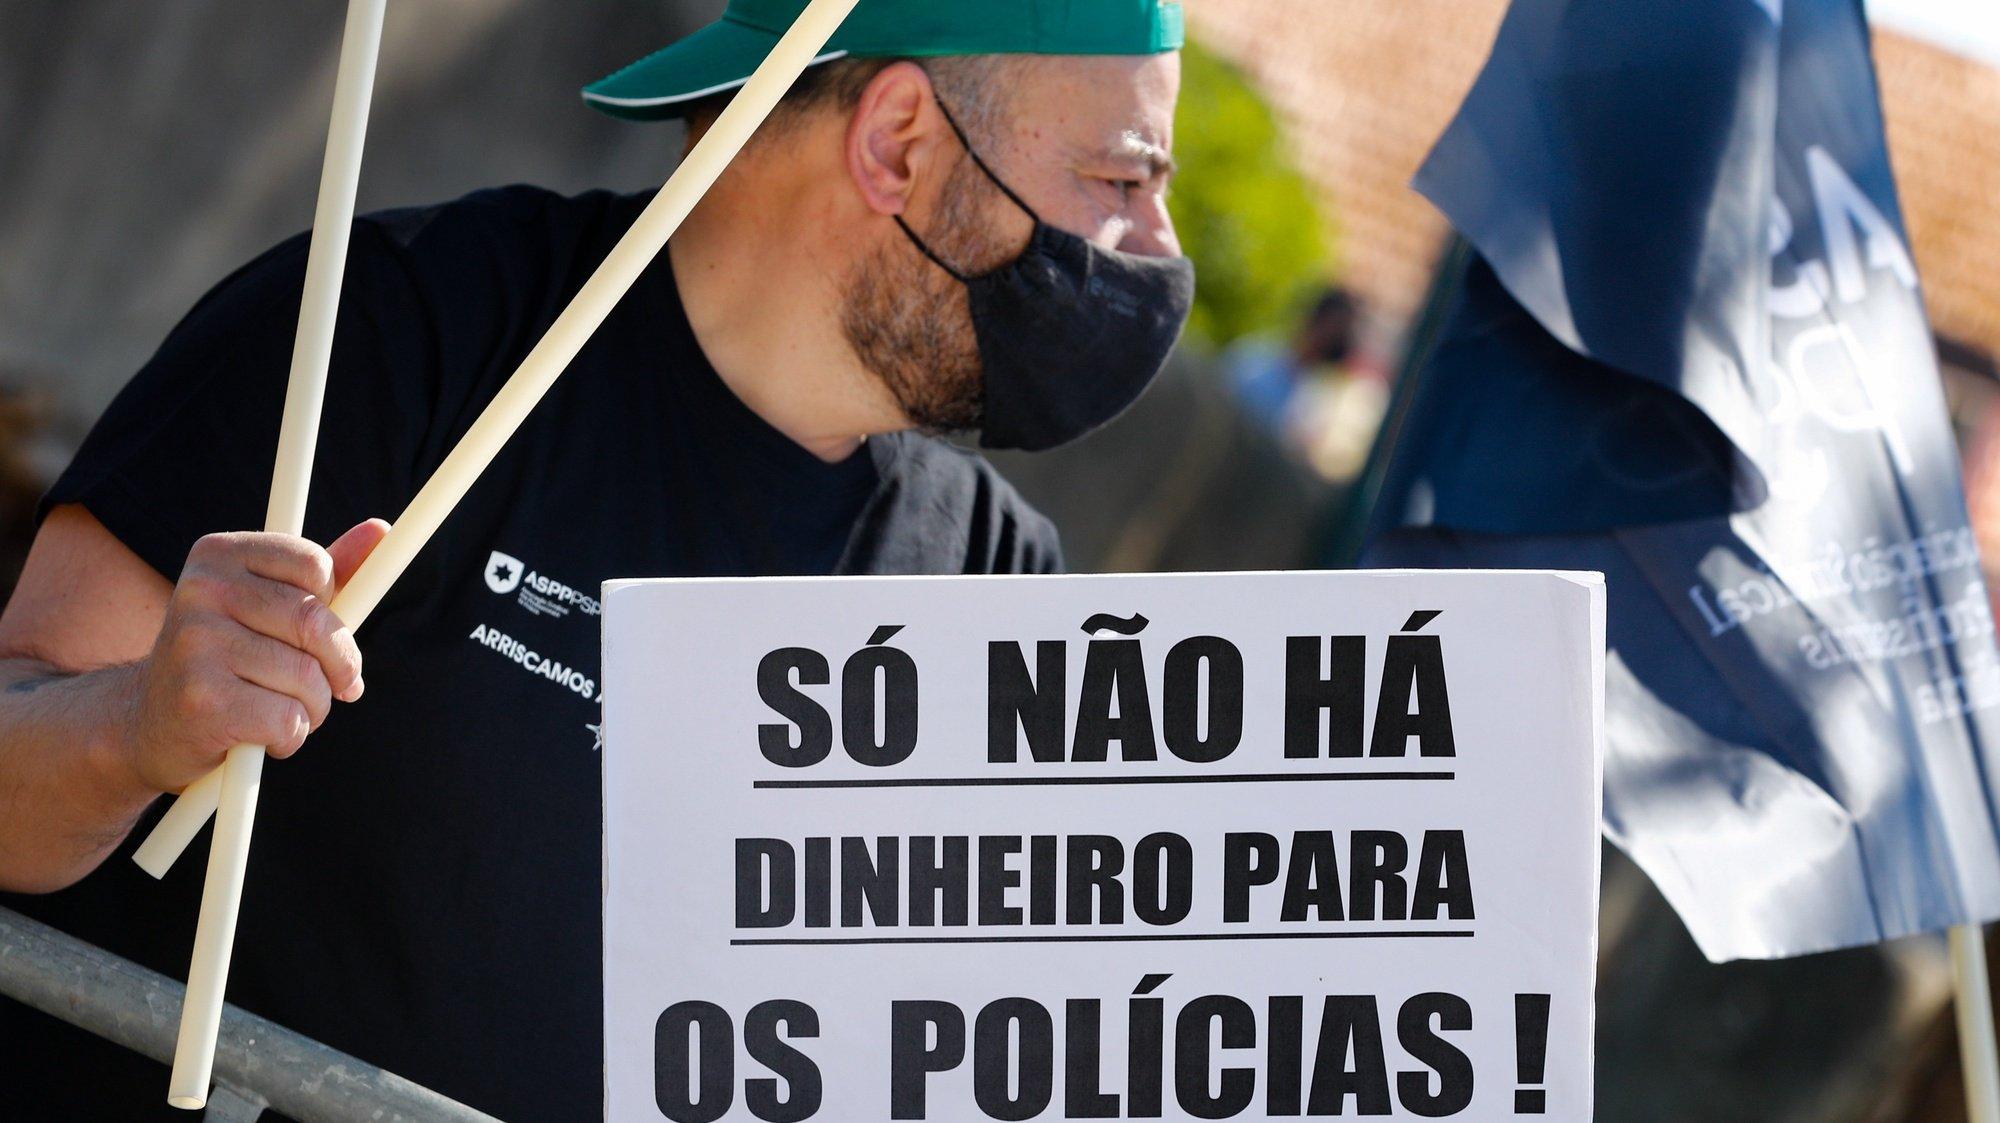 """Um participante exibe um cartaz onde se lê """"Só Não Há Dinheiro Para Os Polícias!"""" durante a jornada de protesto dos elementos da PSP e da GNR com o objetivo de """"sensibilizar todos os cidadãos para a problemática da não atribuição do suplemento de risco aos polícias da PSP e militares da GNR"""", junto ao Palácio da Ajuda, local onde decorre a reunião do Conselho de Ministros, em Lisboa, 15 de julho de 2021. Convocado pelos sindicatos da Polícia de Segurança Pública (PSP) e associações da Guarda Nacional Republicana (GNR) - Associação Nacional de Guardas; Associação Nacional de Sargentos da Guarda Associação Sócio Profissional Independente dos Profissionais da GNR; Associação Sindical Autónoma de Polícias; Organização Sindical dos Polícias; Sindicato Independente de Agentes de Polícia; Sindicato Independente Livre Polícia; Sindicato Nacional da Polícia; Sindicato Nacional Carreira de Chefes PSP; Sindicato Nacional Oficiais de Polícia; Sindicato Profissionais de Polícia; Sindicato de Polícia pela Ordem e Liberdade; Sindicato Vertical da Carreira de Polícia. ANTÓNIO COTRIM/LUSA"""